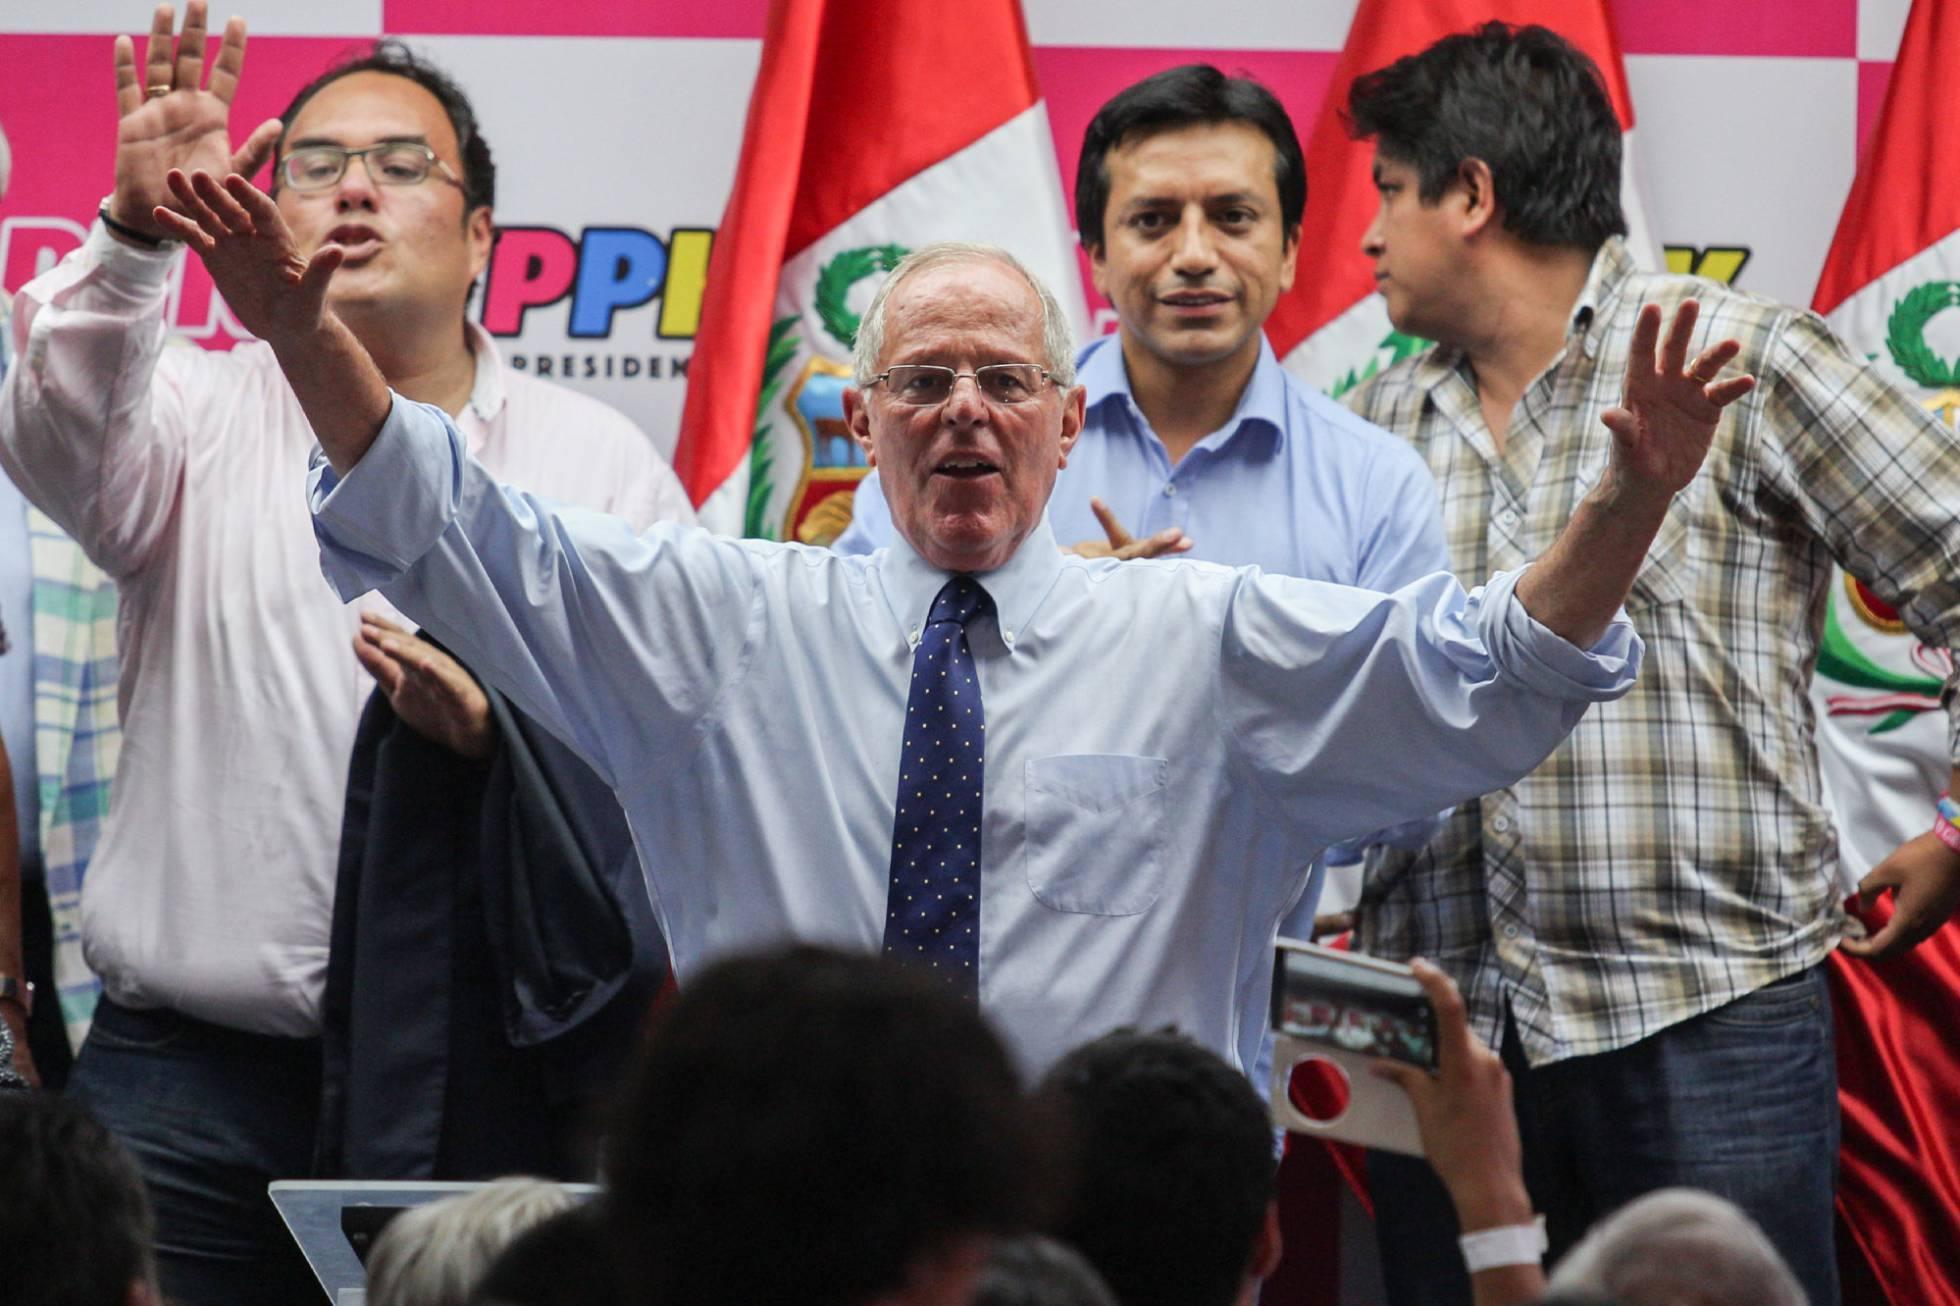 """""""Билдерберг"""" или Че Гевара спечели изборите в Перу?"""